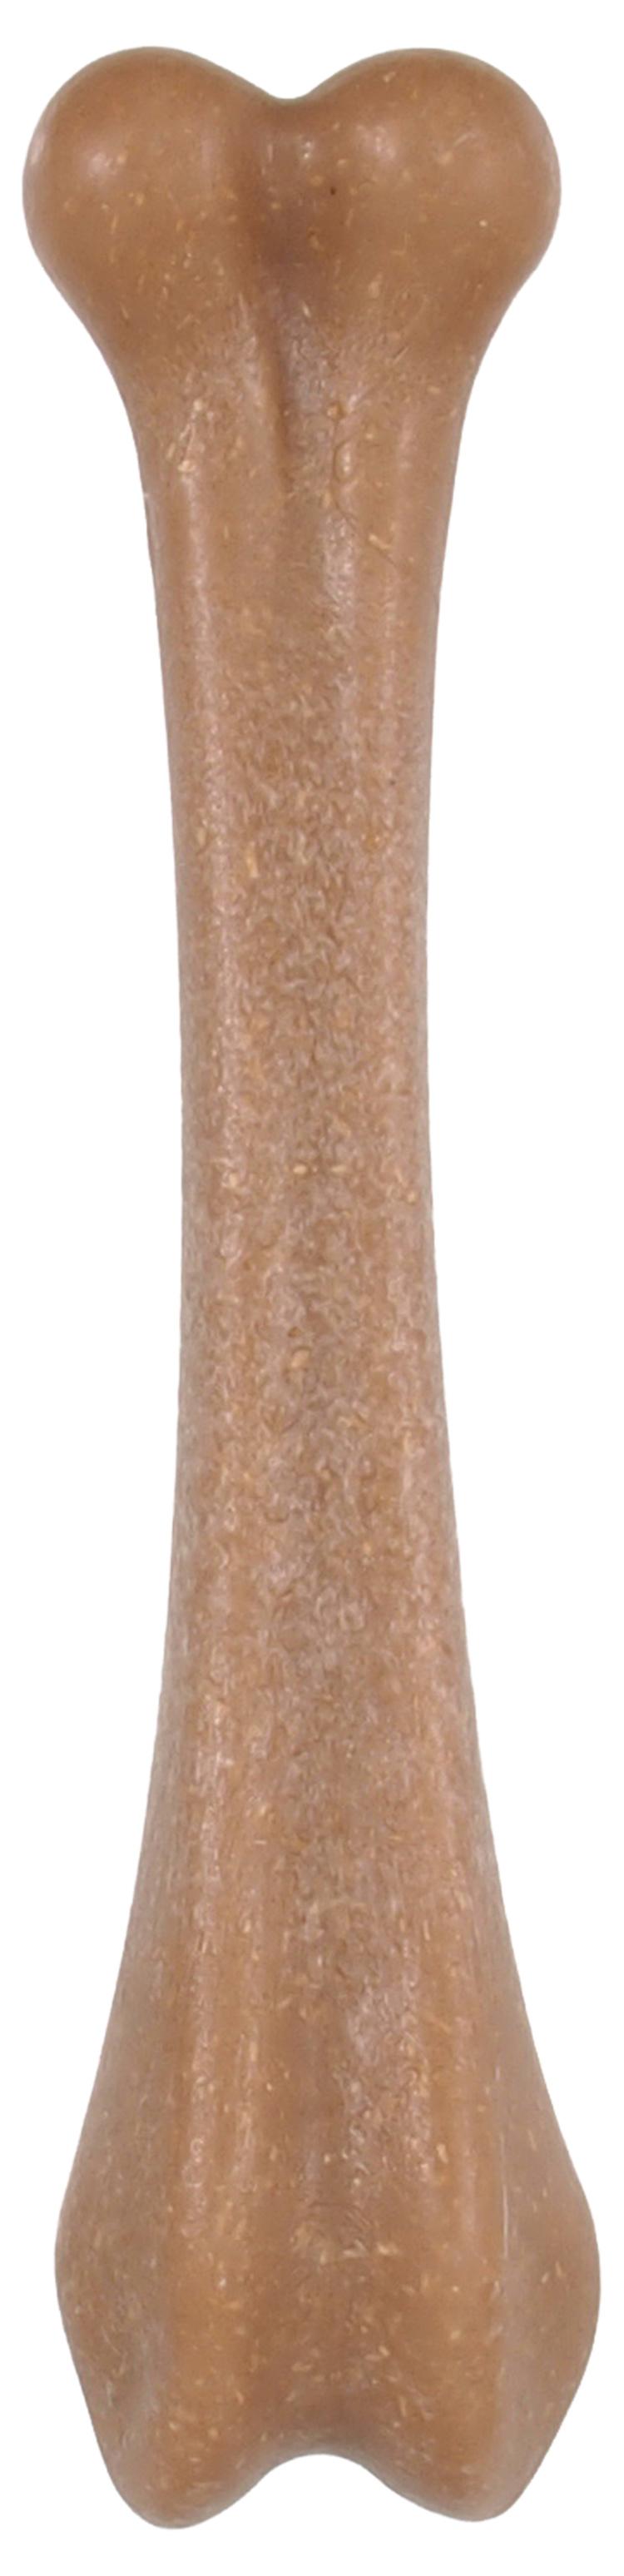 Hračka žvýkací Mr. Dental Bambone kost kuřecí L/XL